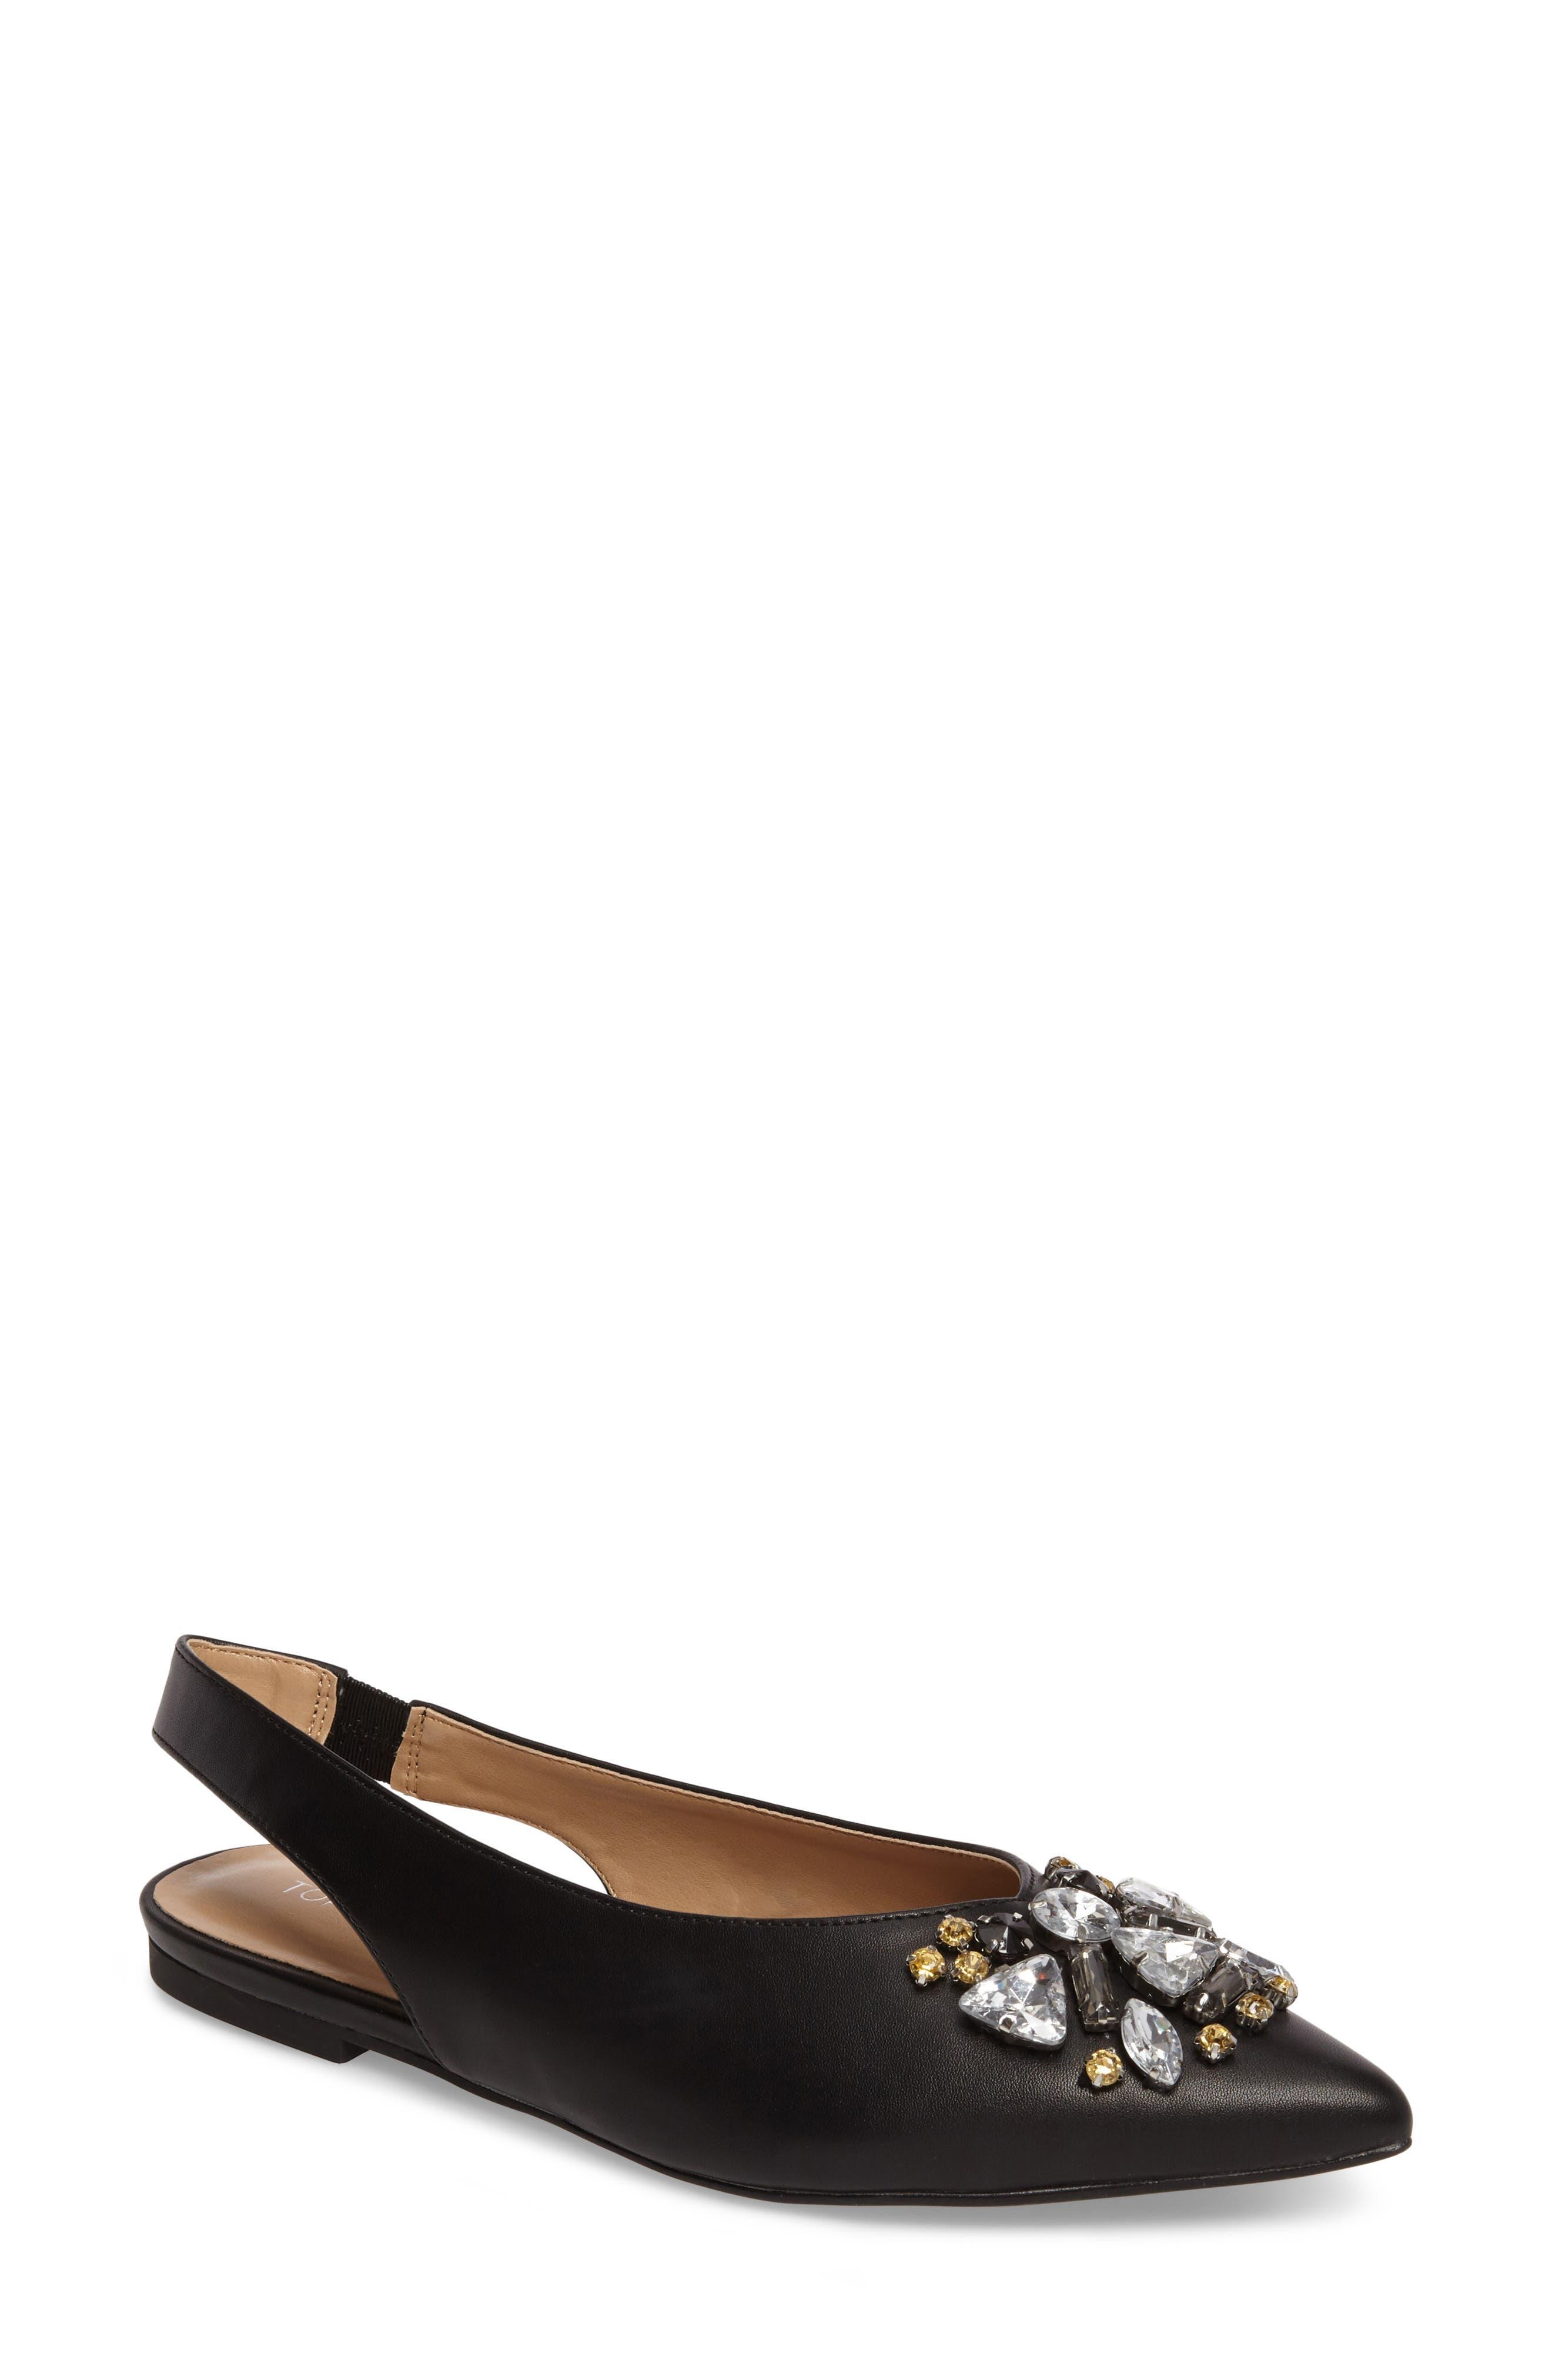 Main Image - Topshop Ava Embellished Slingback Flat (Women)